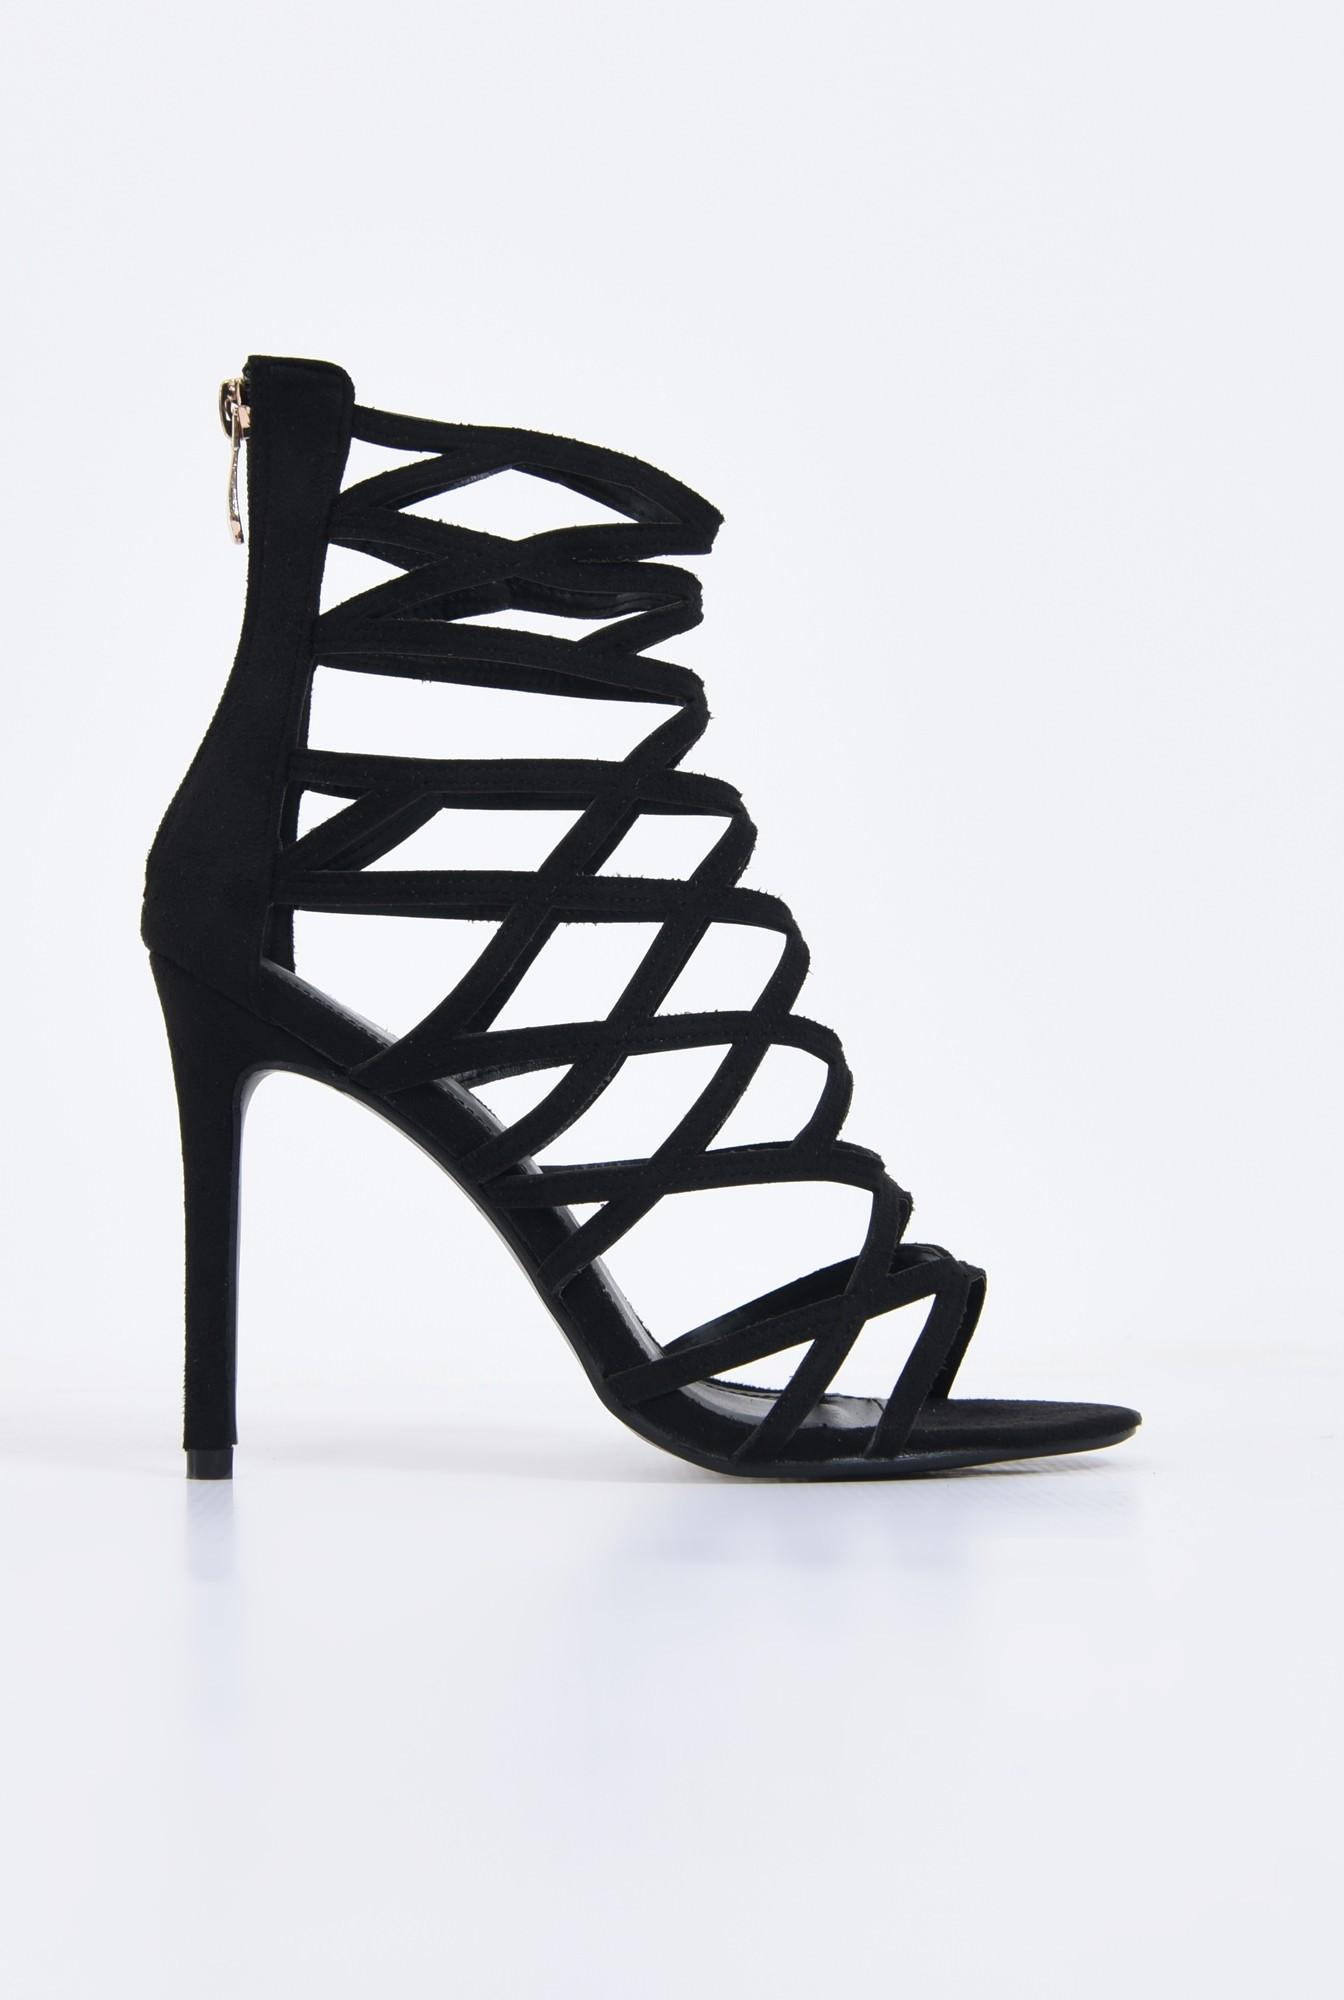 0 - sandale elegante, negru, stiletto